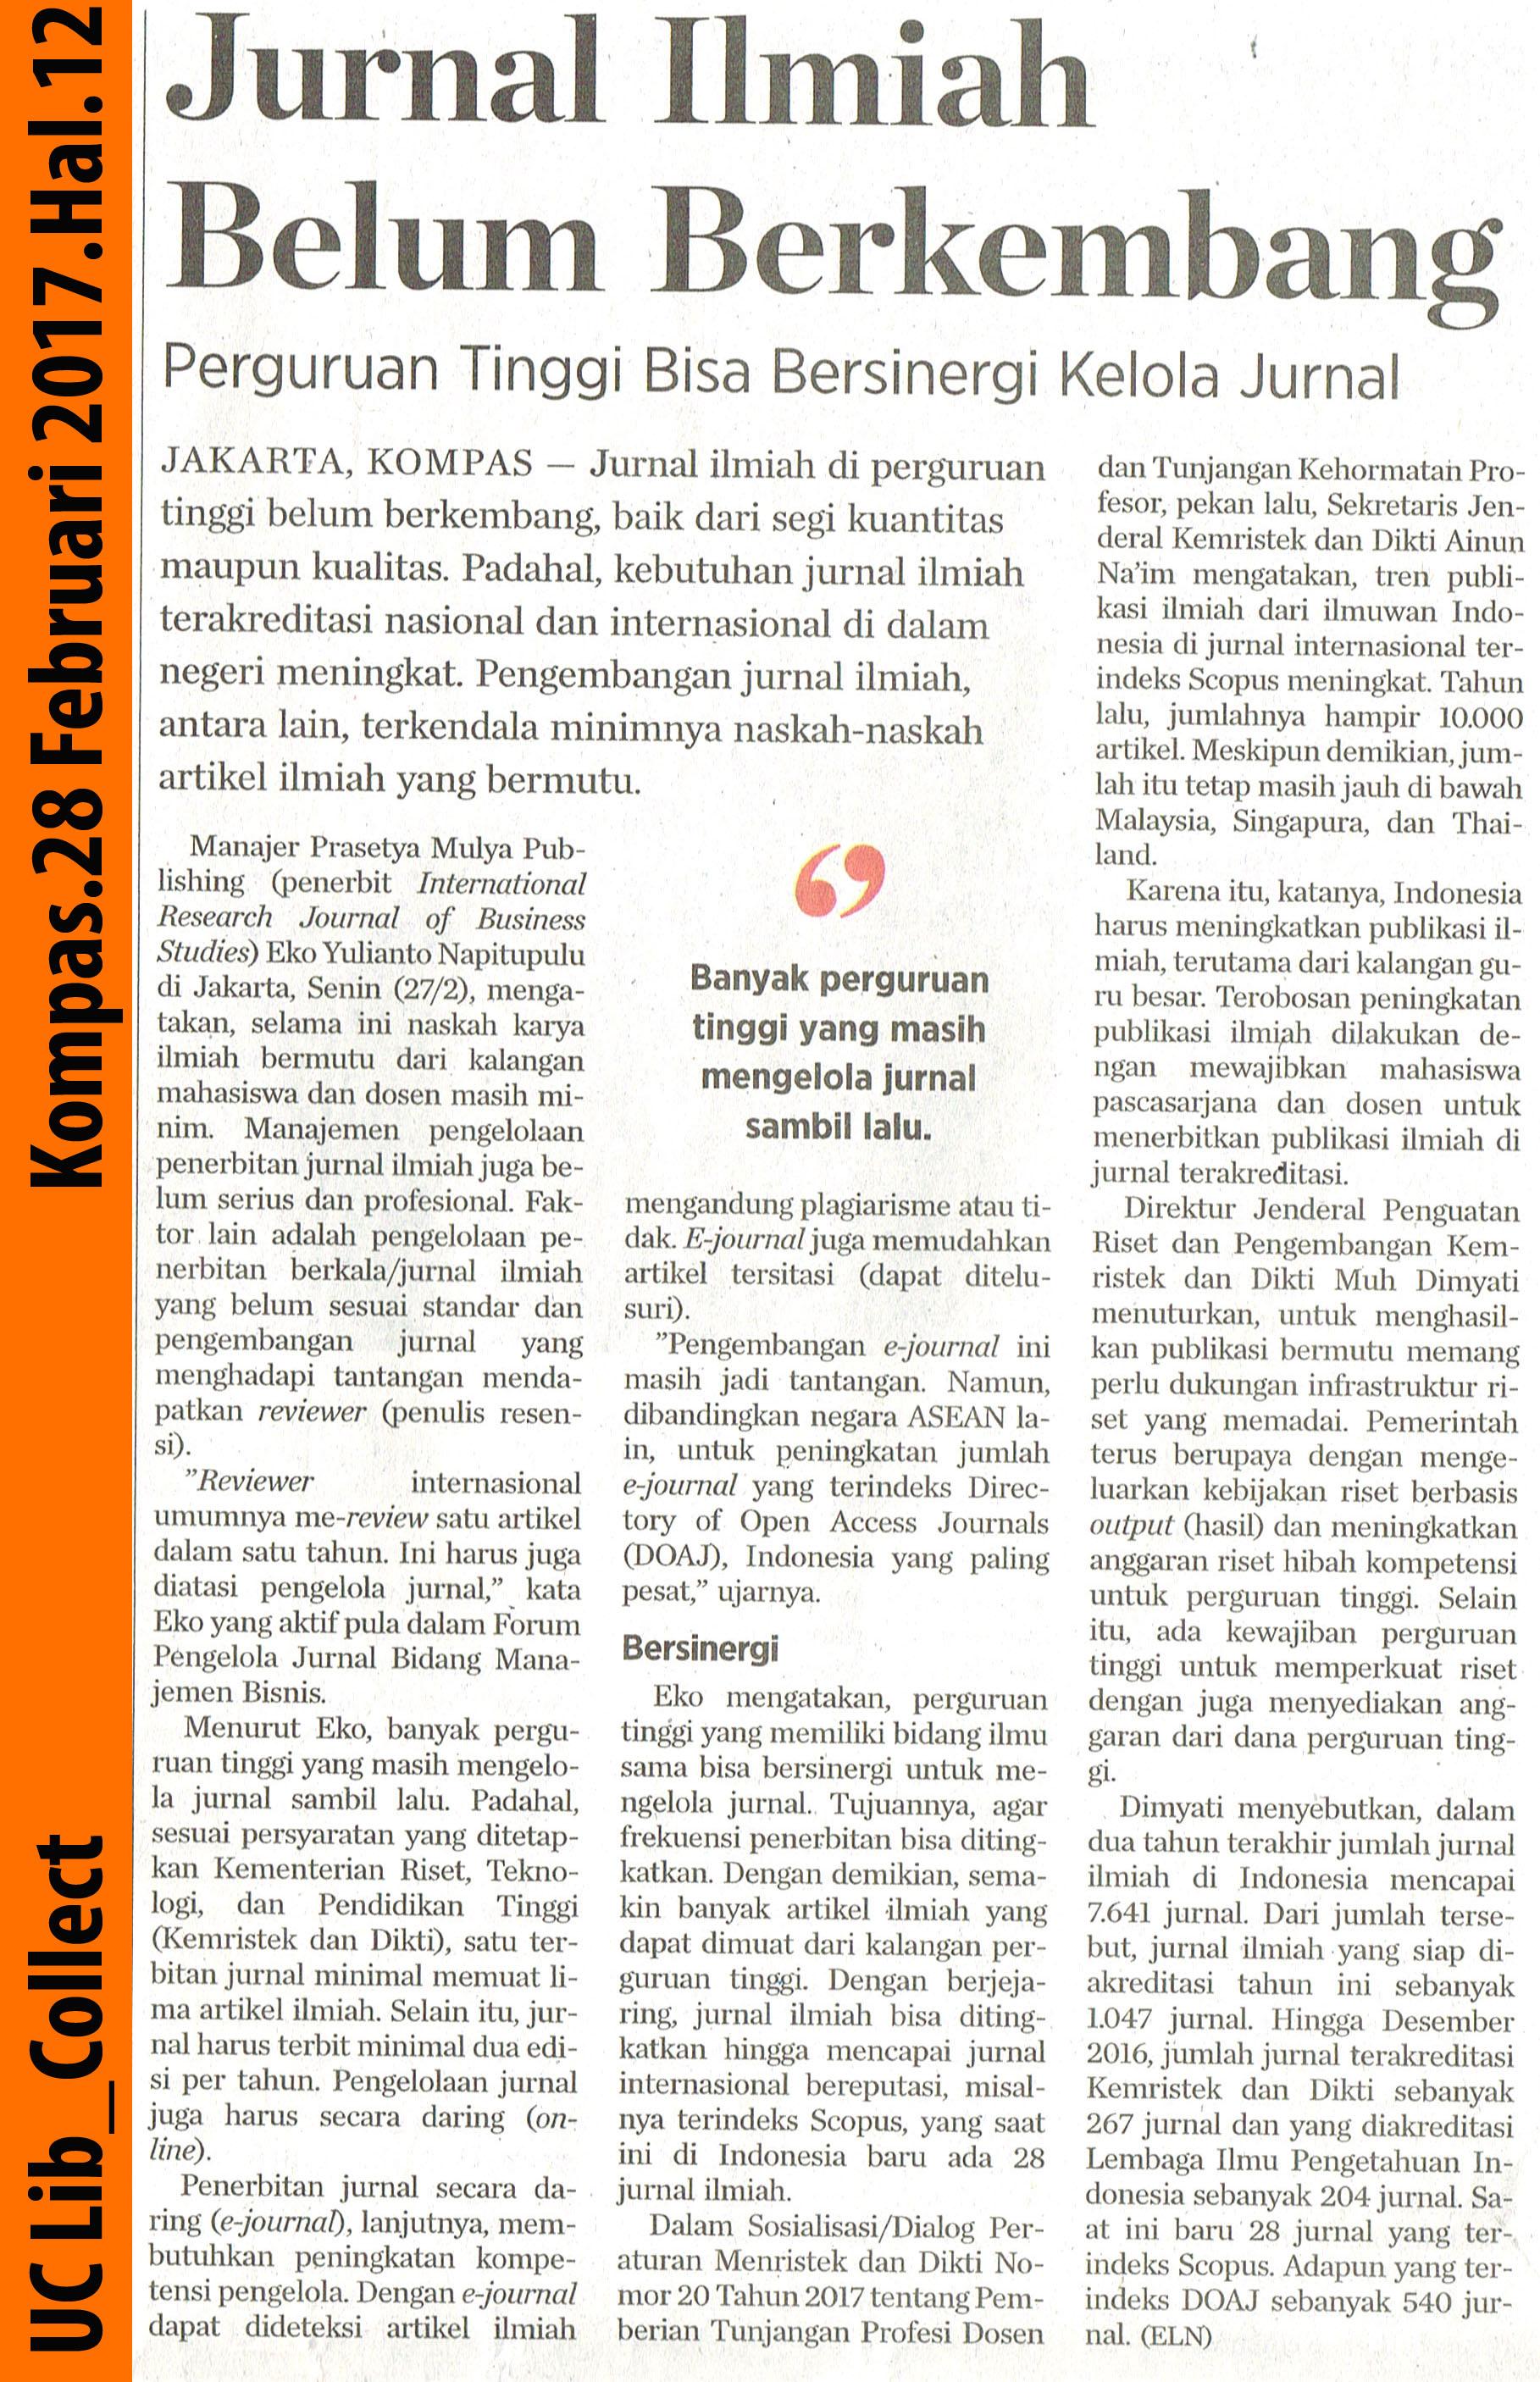 Jurnal Ilmiah Belum Berkembang Kompas 28 Februari 2017 Hal 12